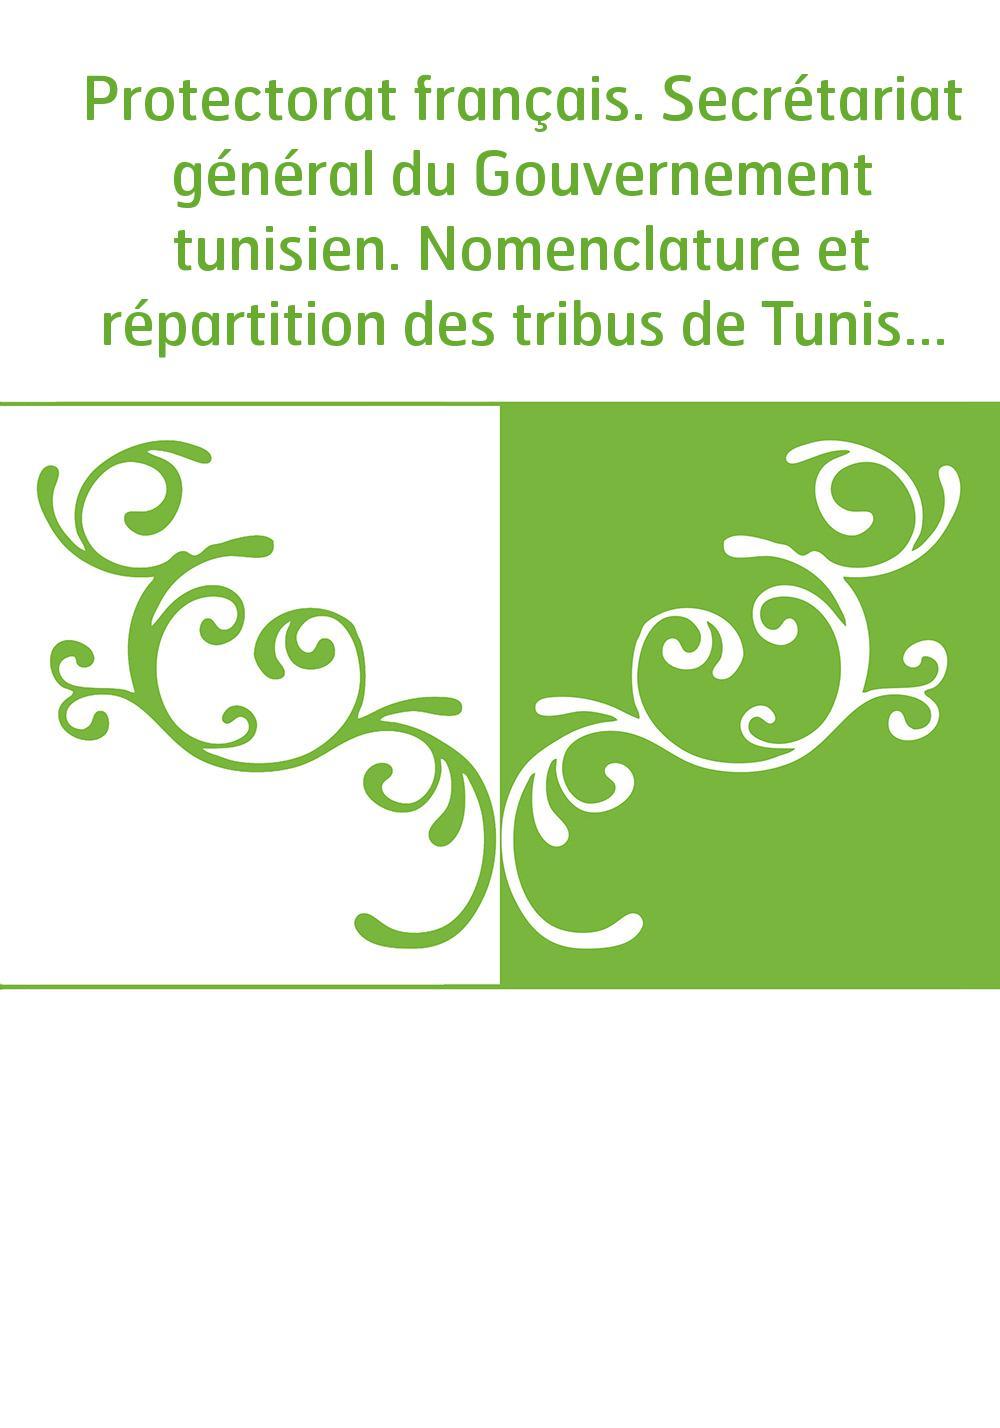 Protectorat français. Secrétariat général du Gouvernement tunisien. Nomenclature et répartition des tribus de Tunisie